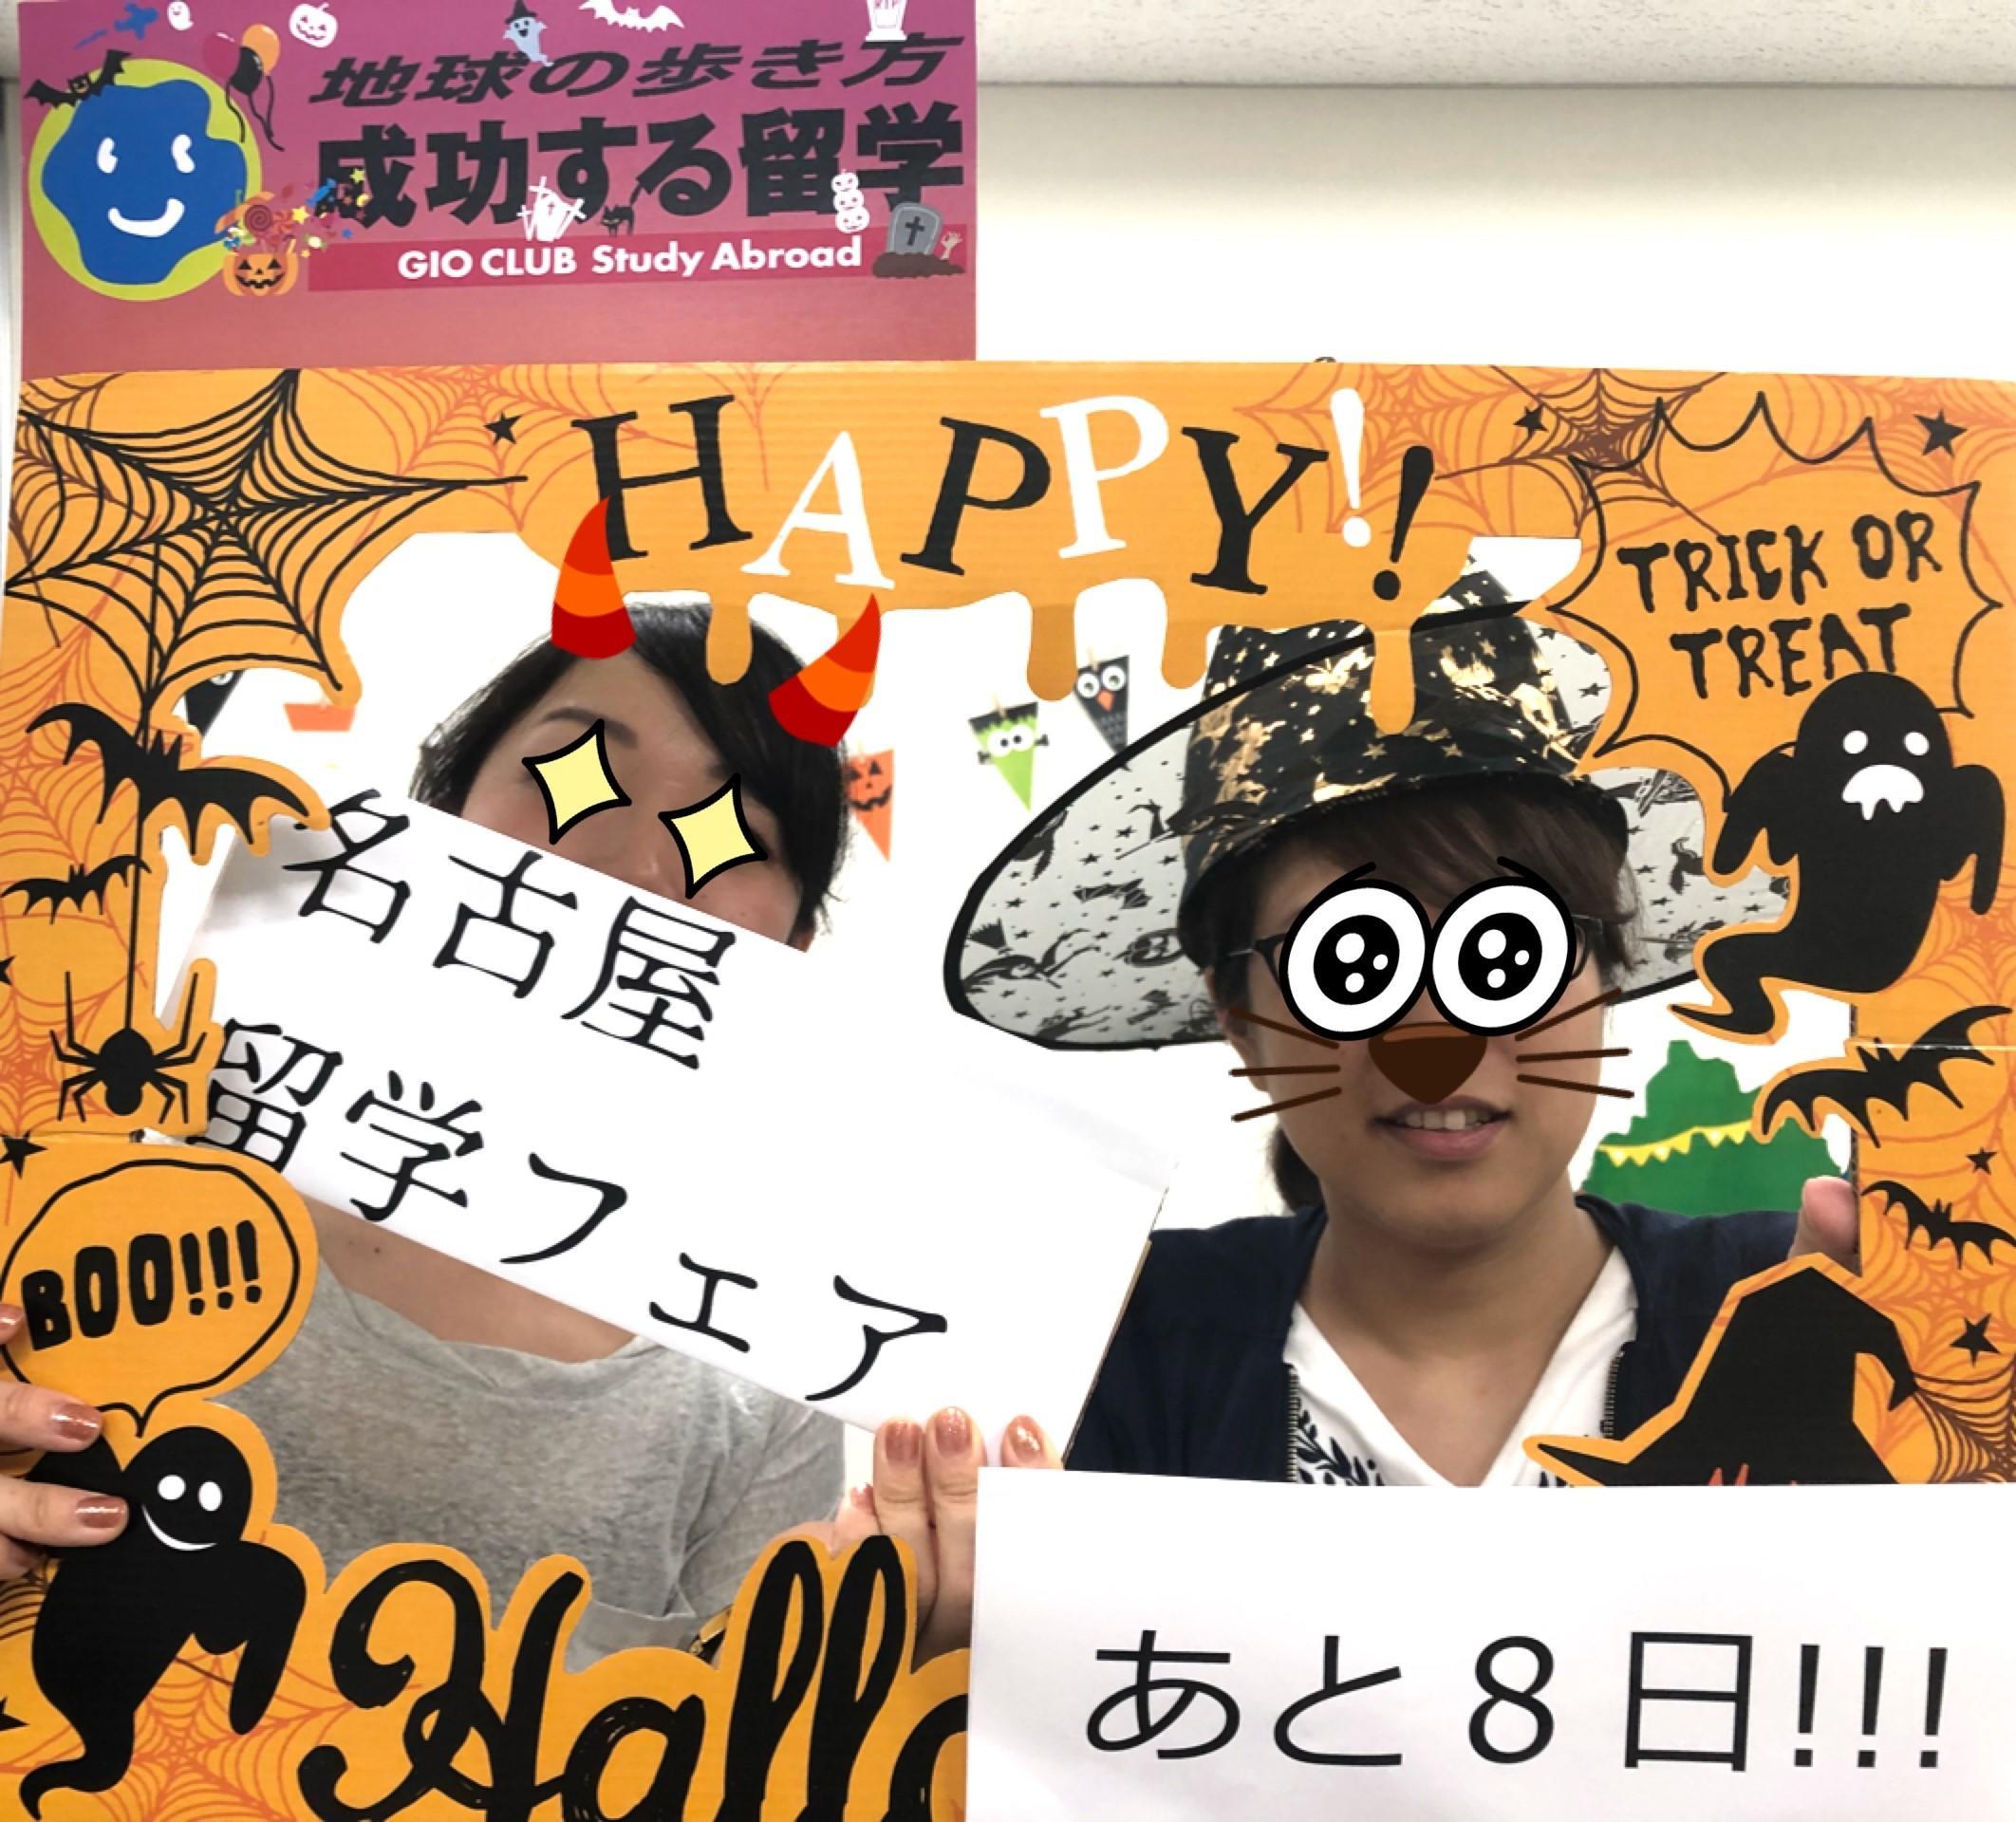 ハロウィンカボチャあるある集めました!名古屋留学フェア開催まで、あと8日!